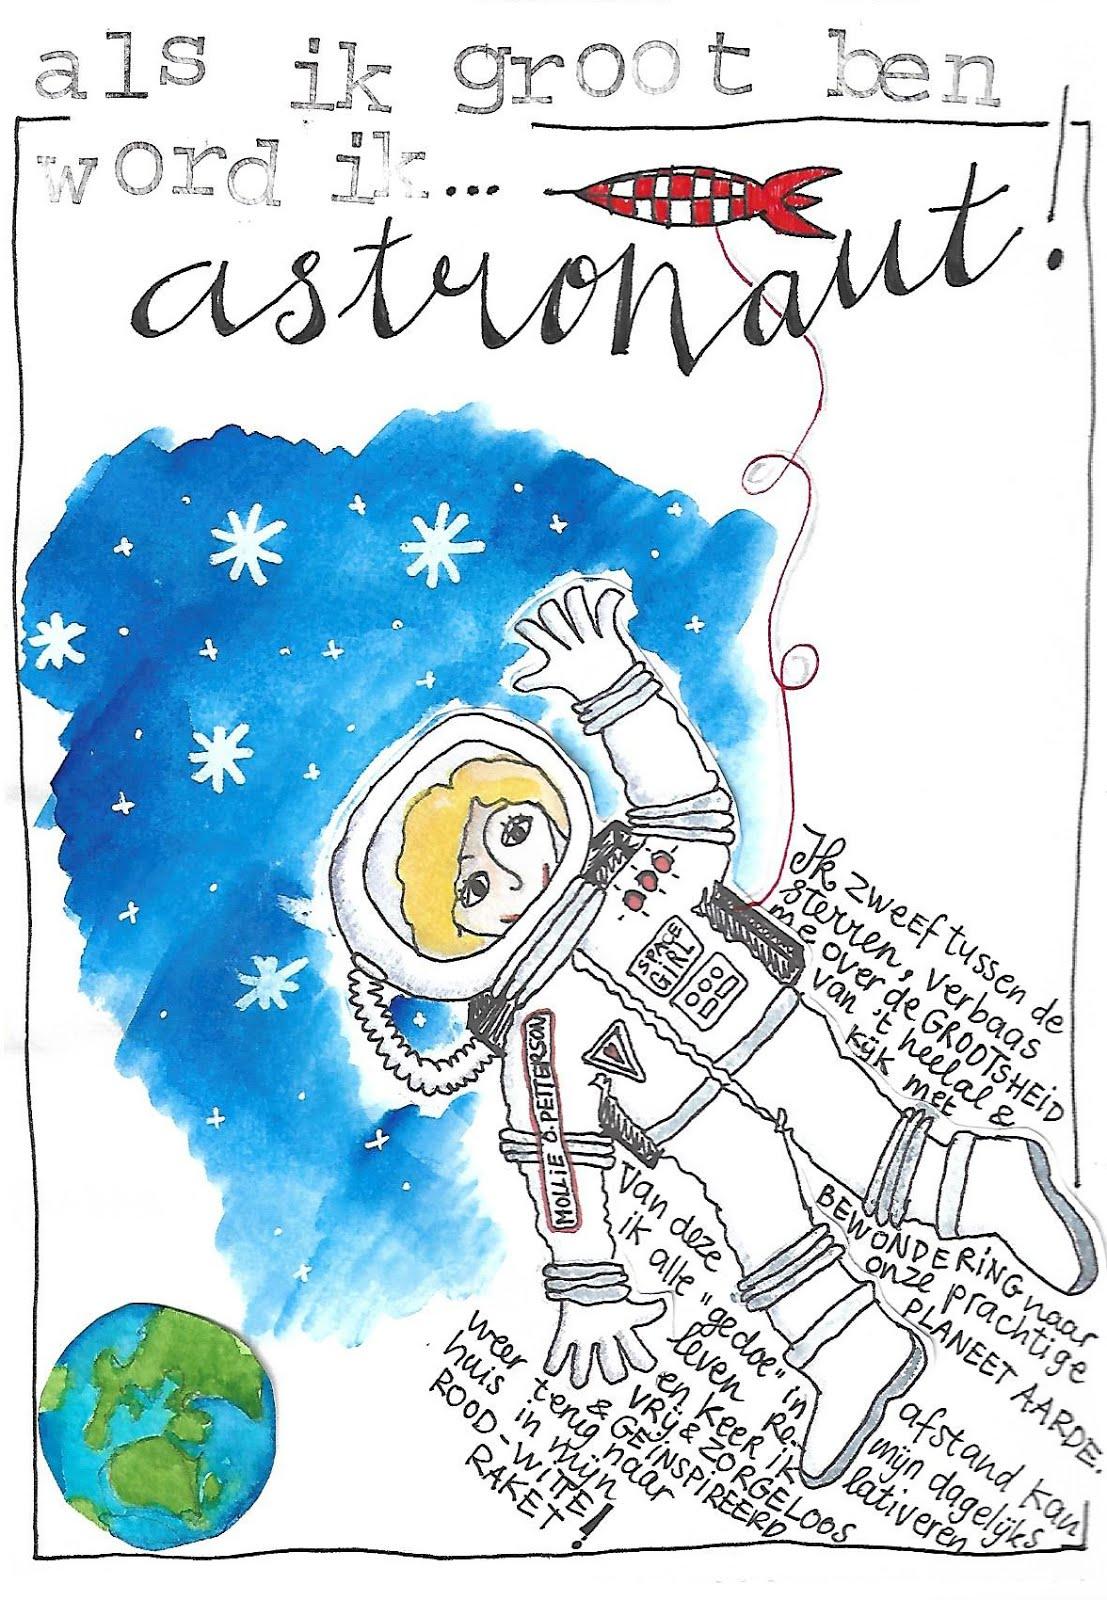 wat wil Mollie worden als ze groot is... astronaut!